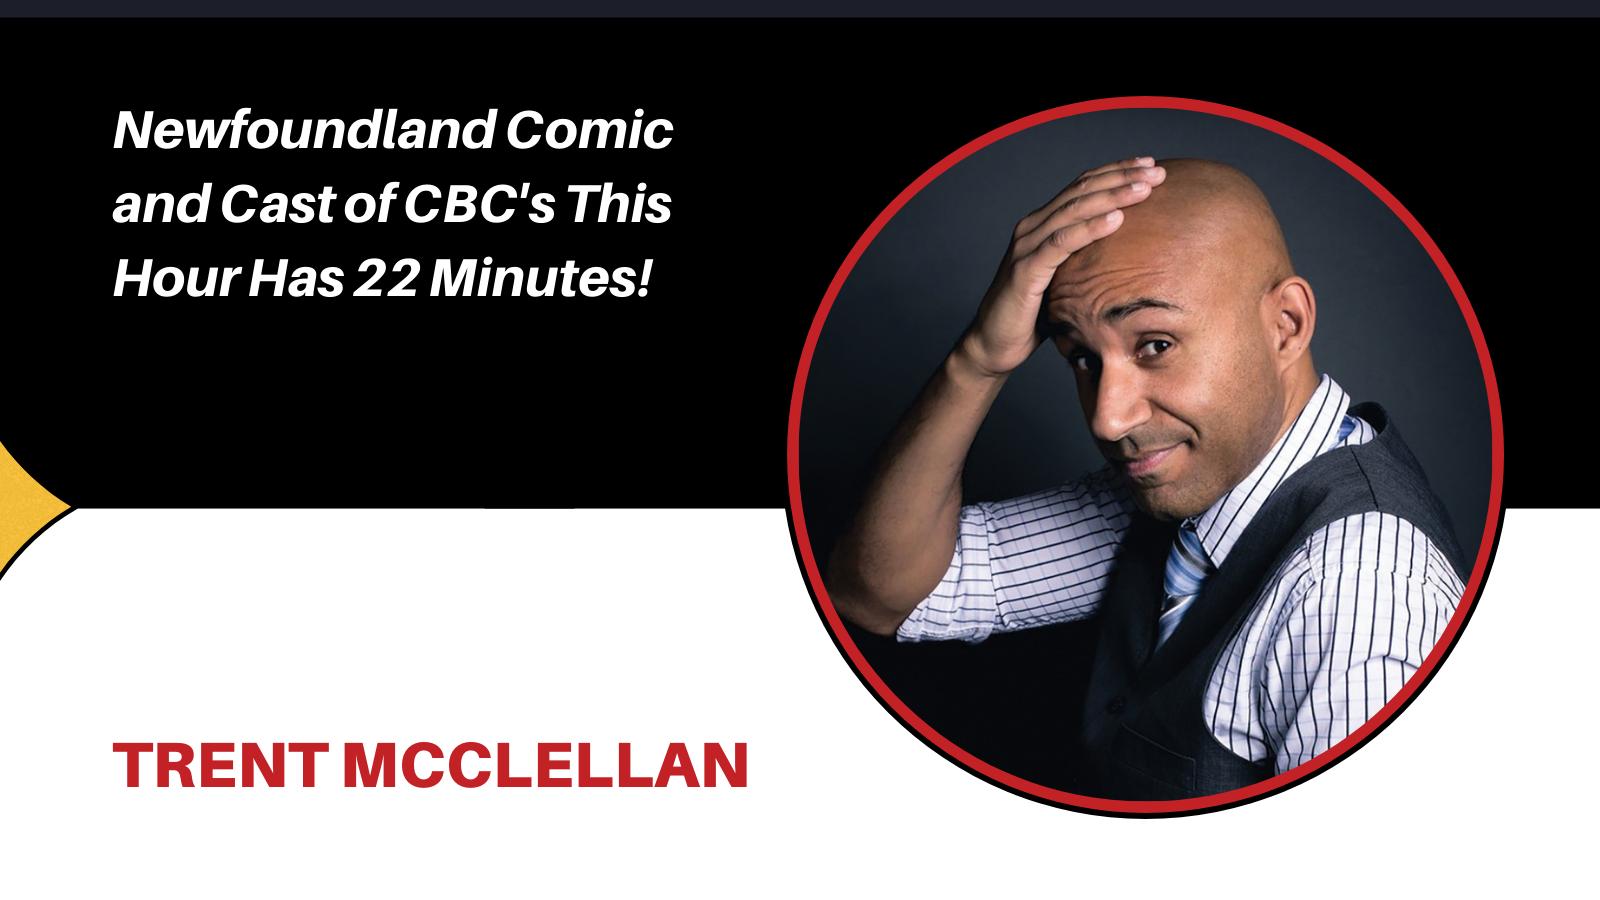 comedian Trent McClellan